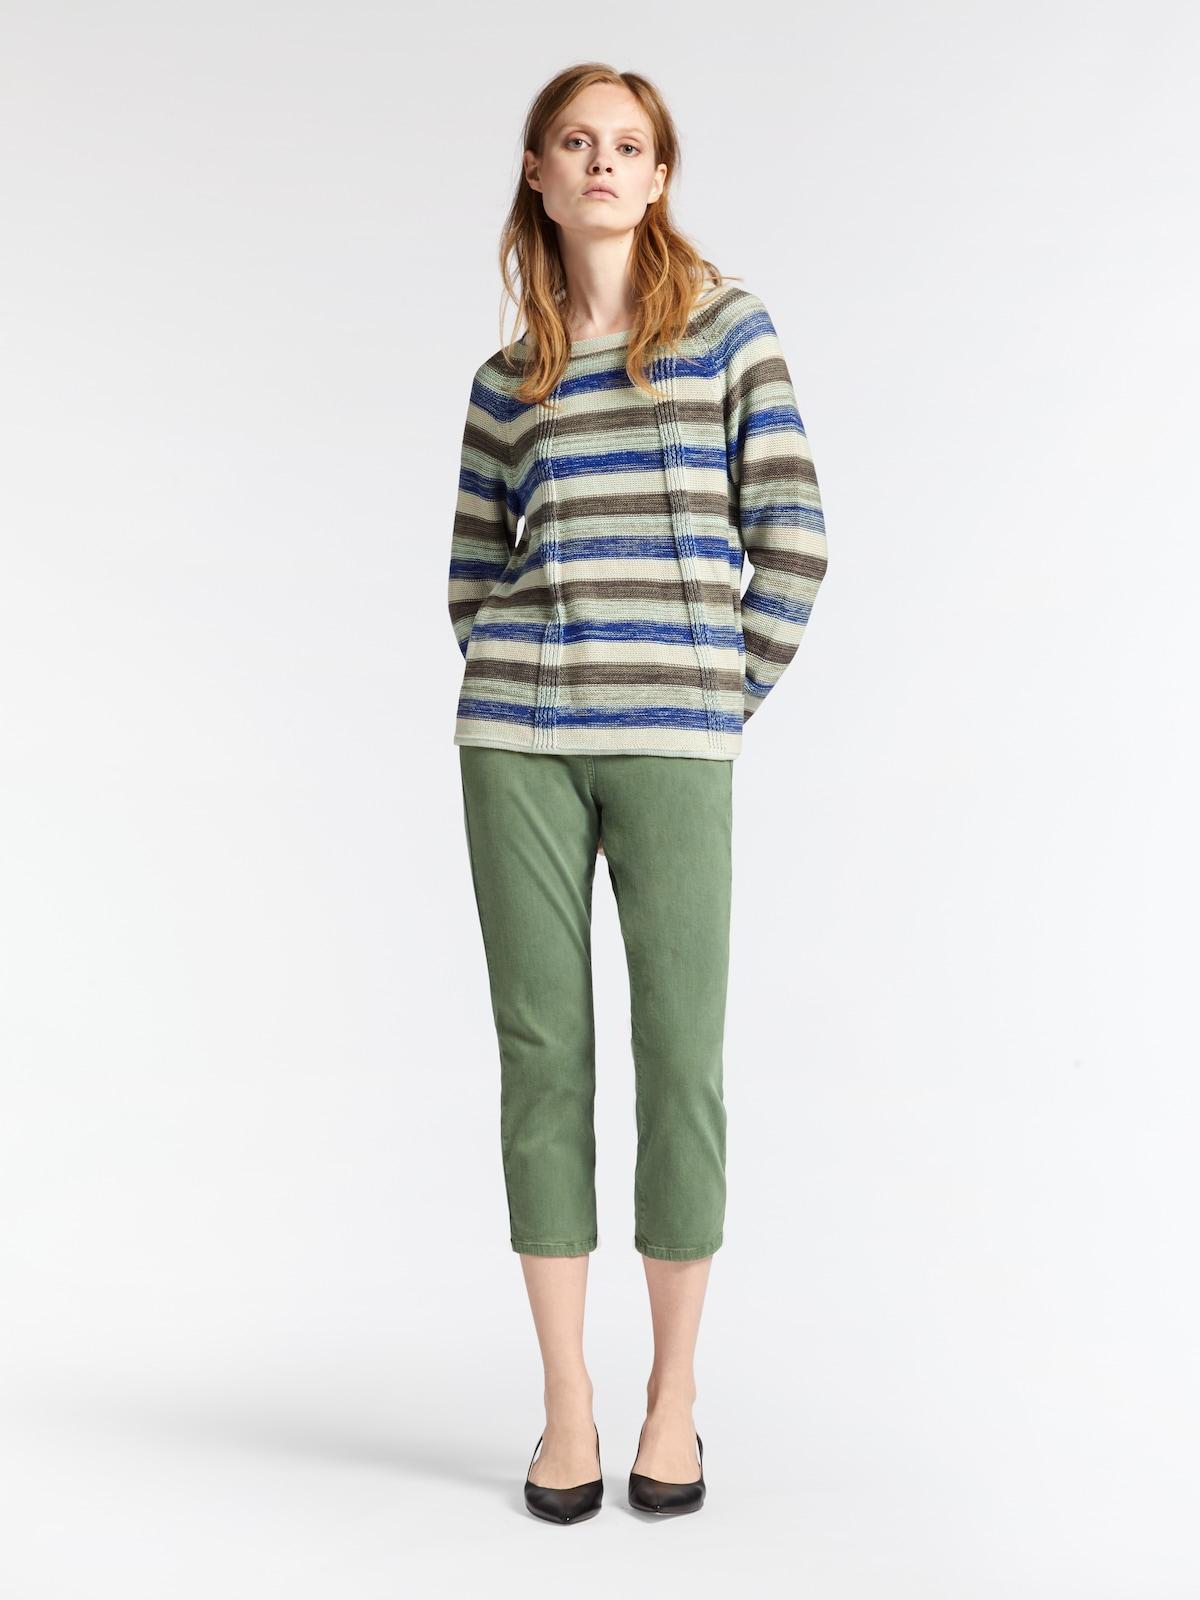 Beliebt Frauen Bekleidung Sandwich Jeans in grün Zum Verkauf